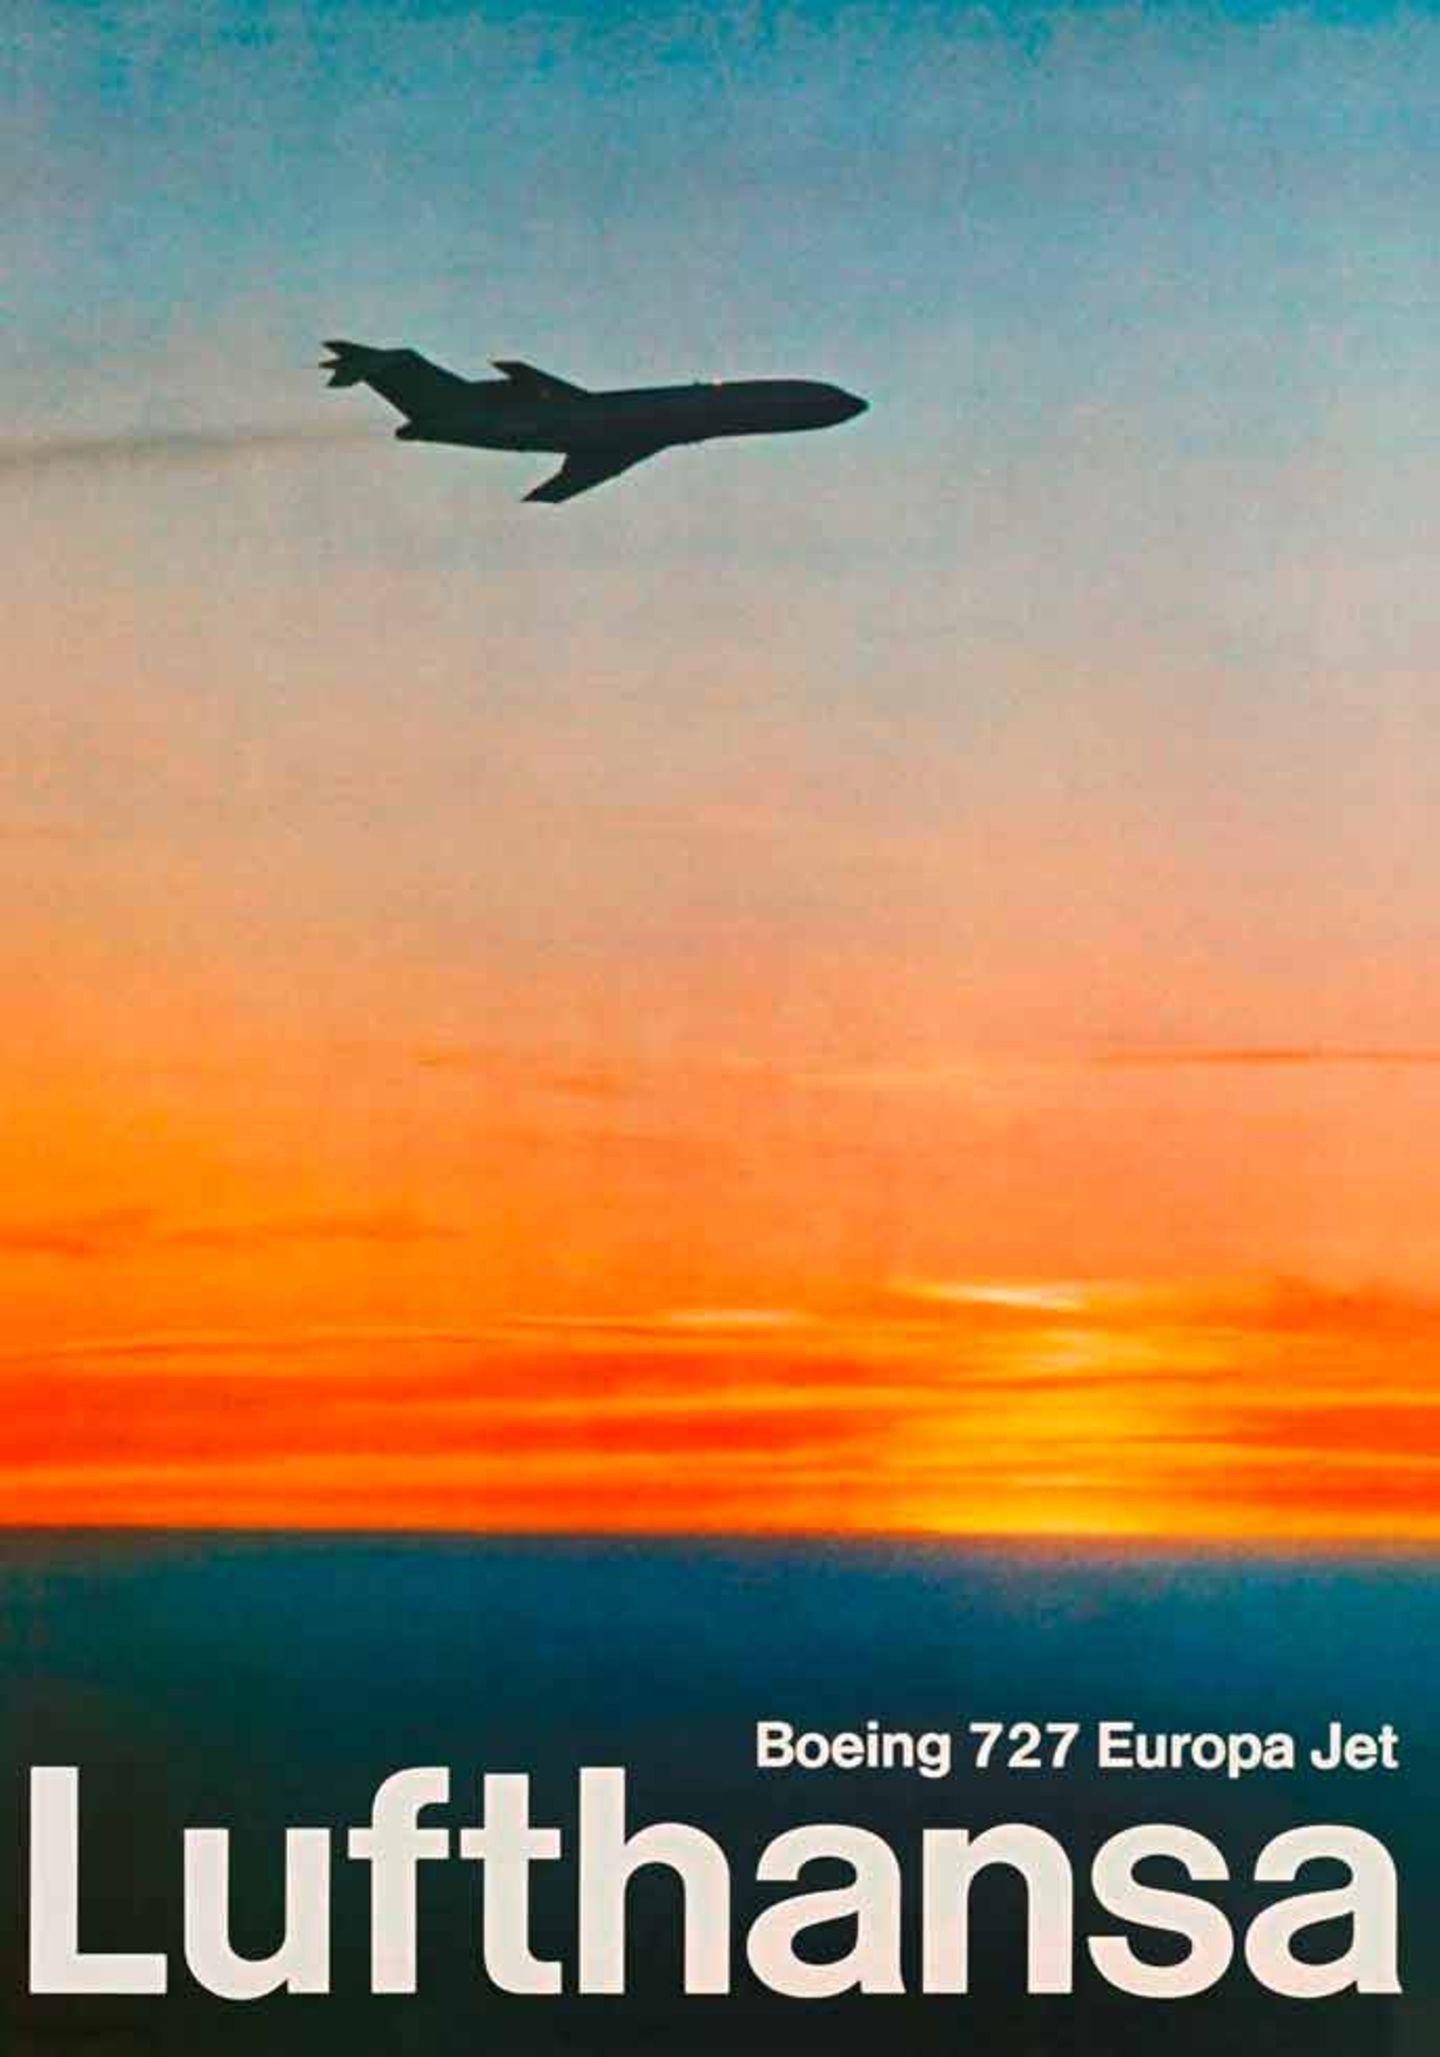 Lufthansa griff bei ihrer Plakatgestaltung 1967 bereits auf Fotografien zurück und bildet eine Boeing 727 ab, dem damaligen Arbeitstier der Flotte für innereuropäische Flüge. An dem abgebildeten Abgasstrahl nahm damals noch niemand Anstoß.